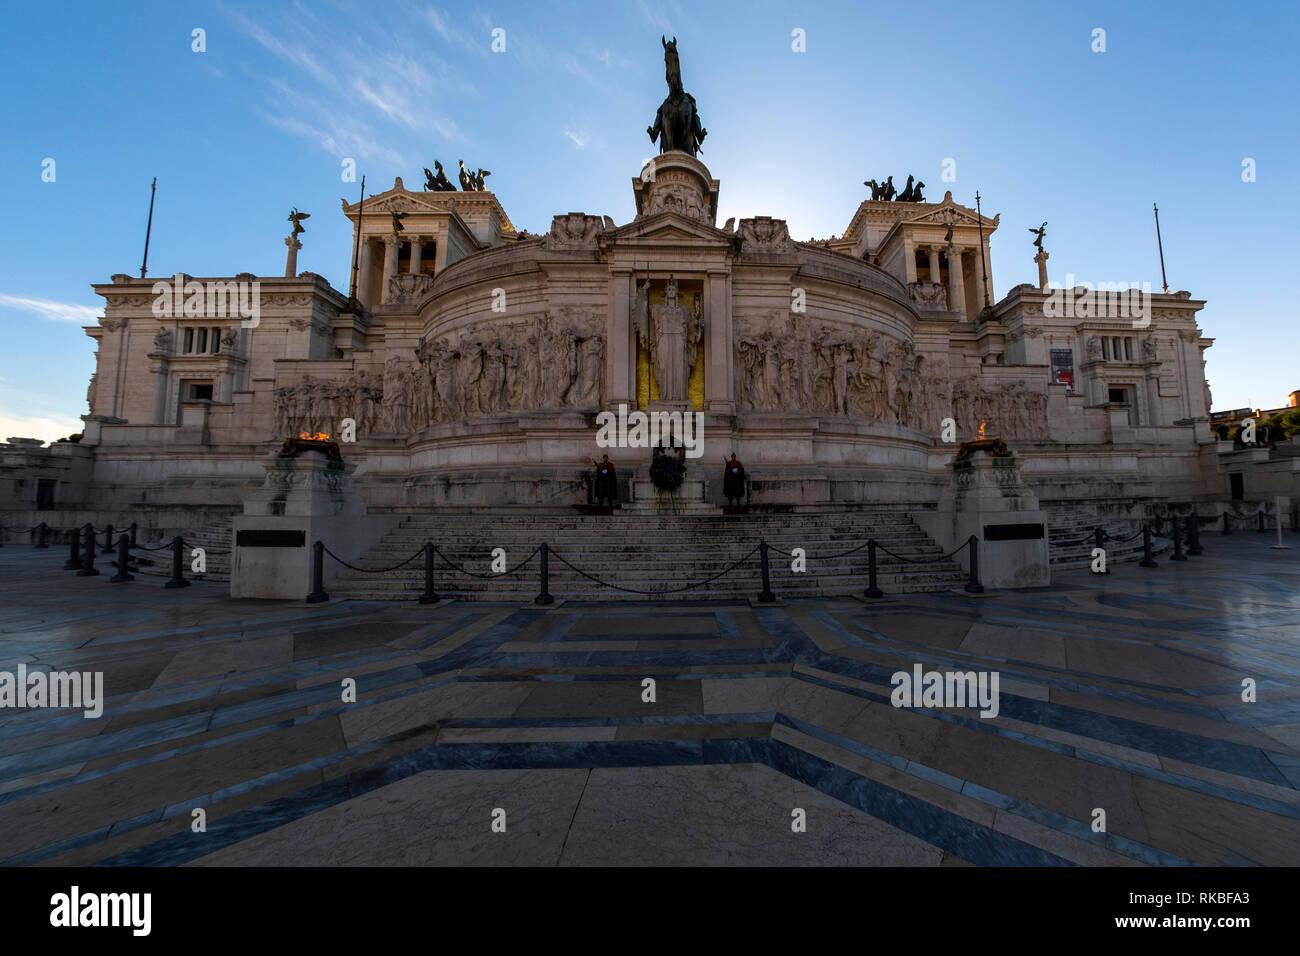 Cimitero Monumentale Predappio Fc mussolini monument stock photos & mussolini monument stock